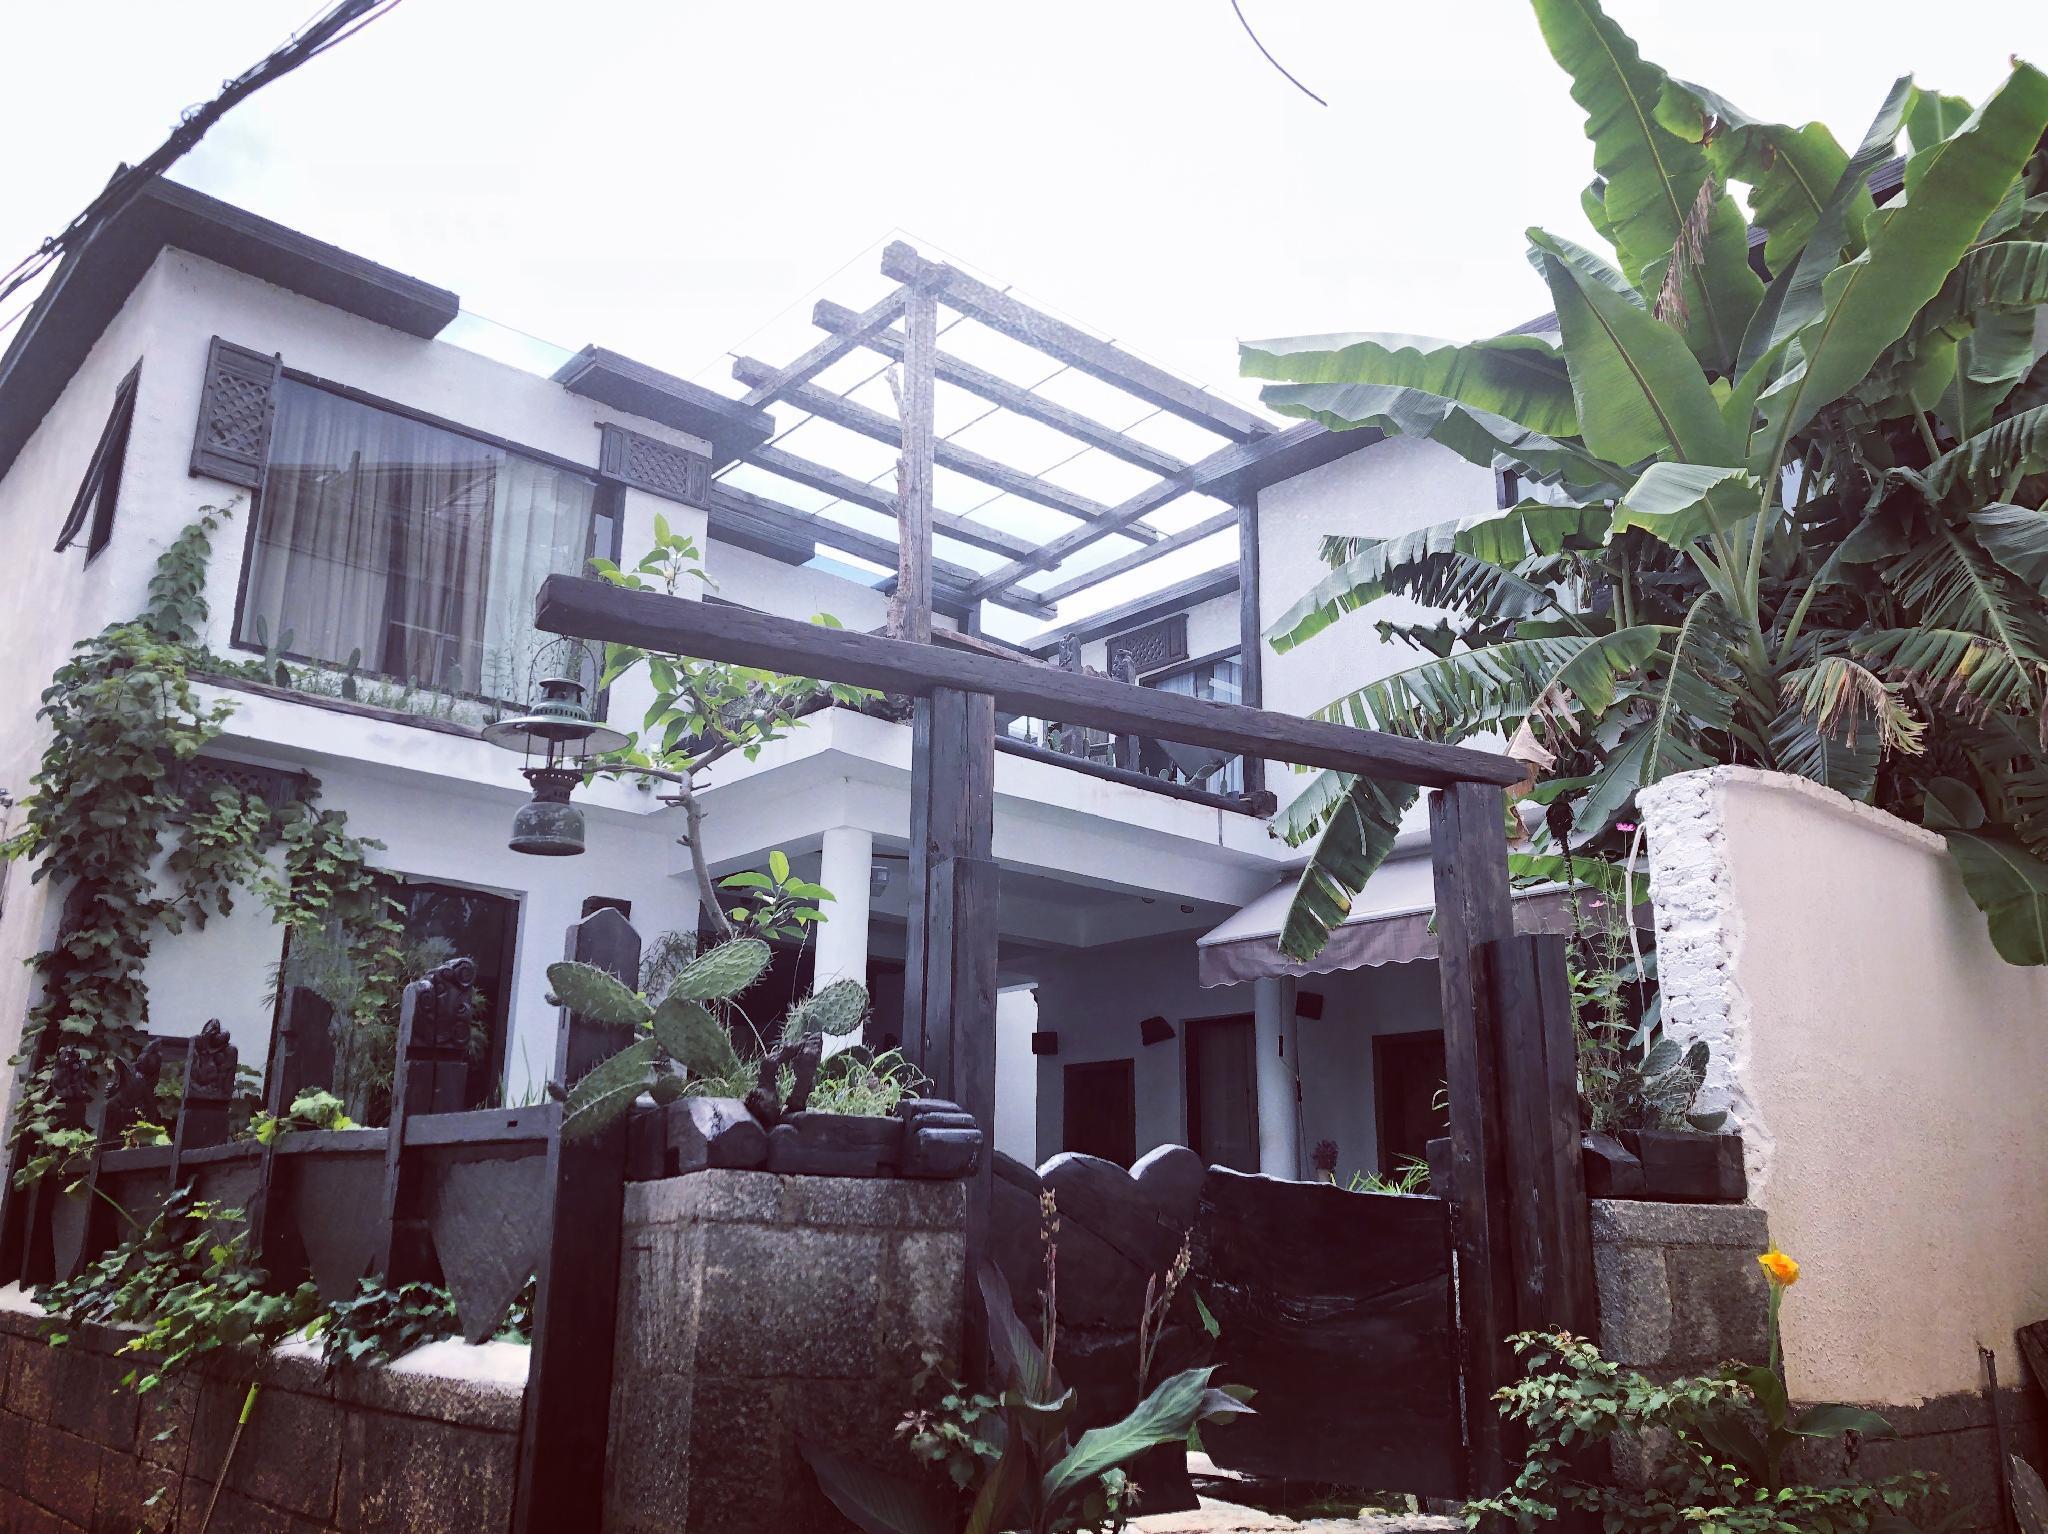 Boutique courtyard yifan Reviews